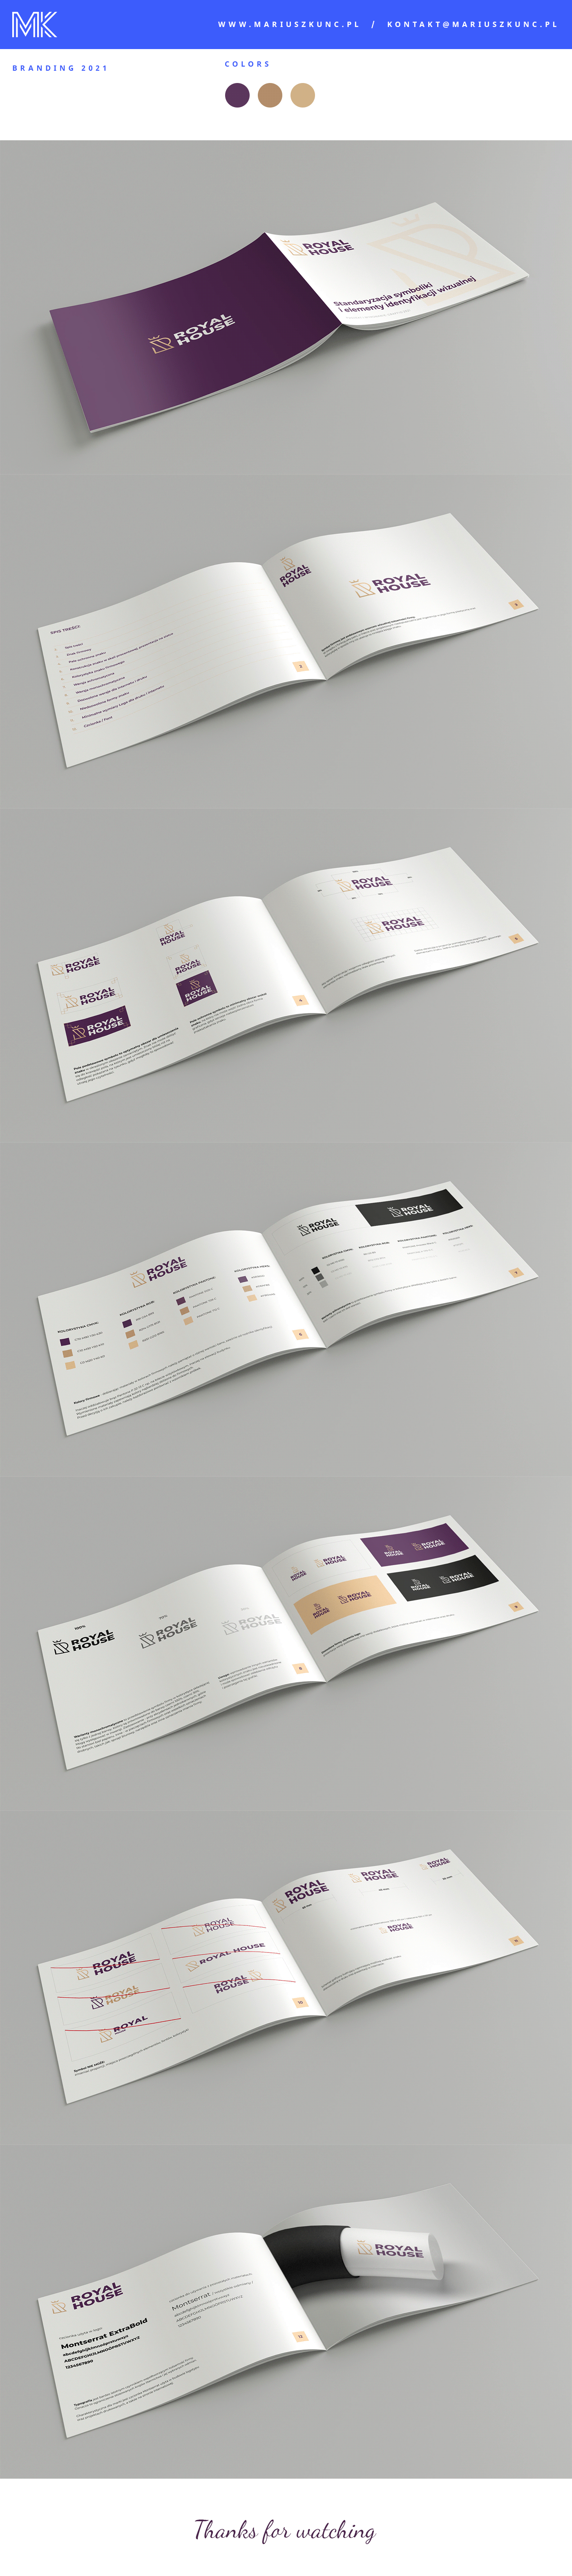 brand identity brandbook design identity logo Logo Design logos Logotype Mockup typography